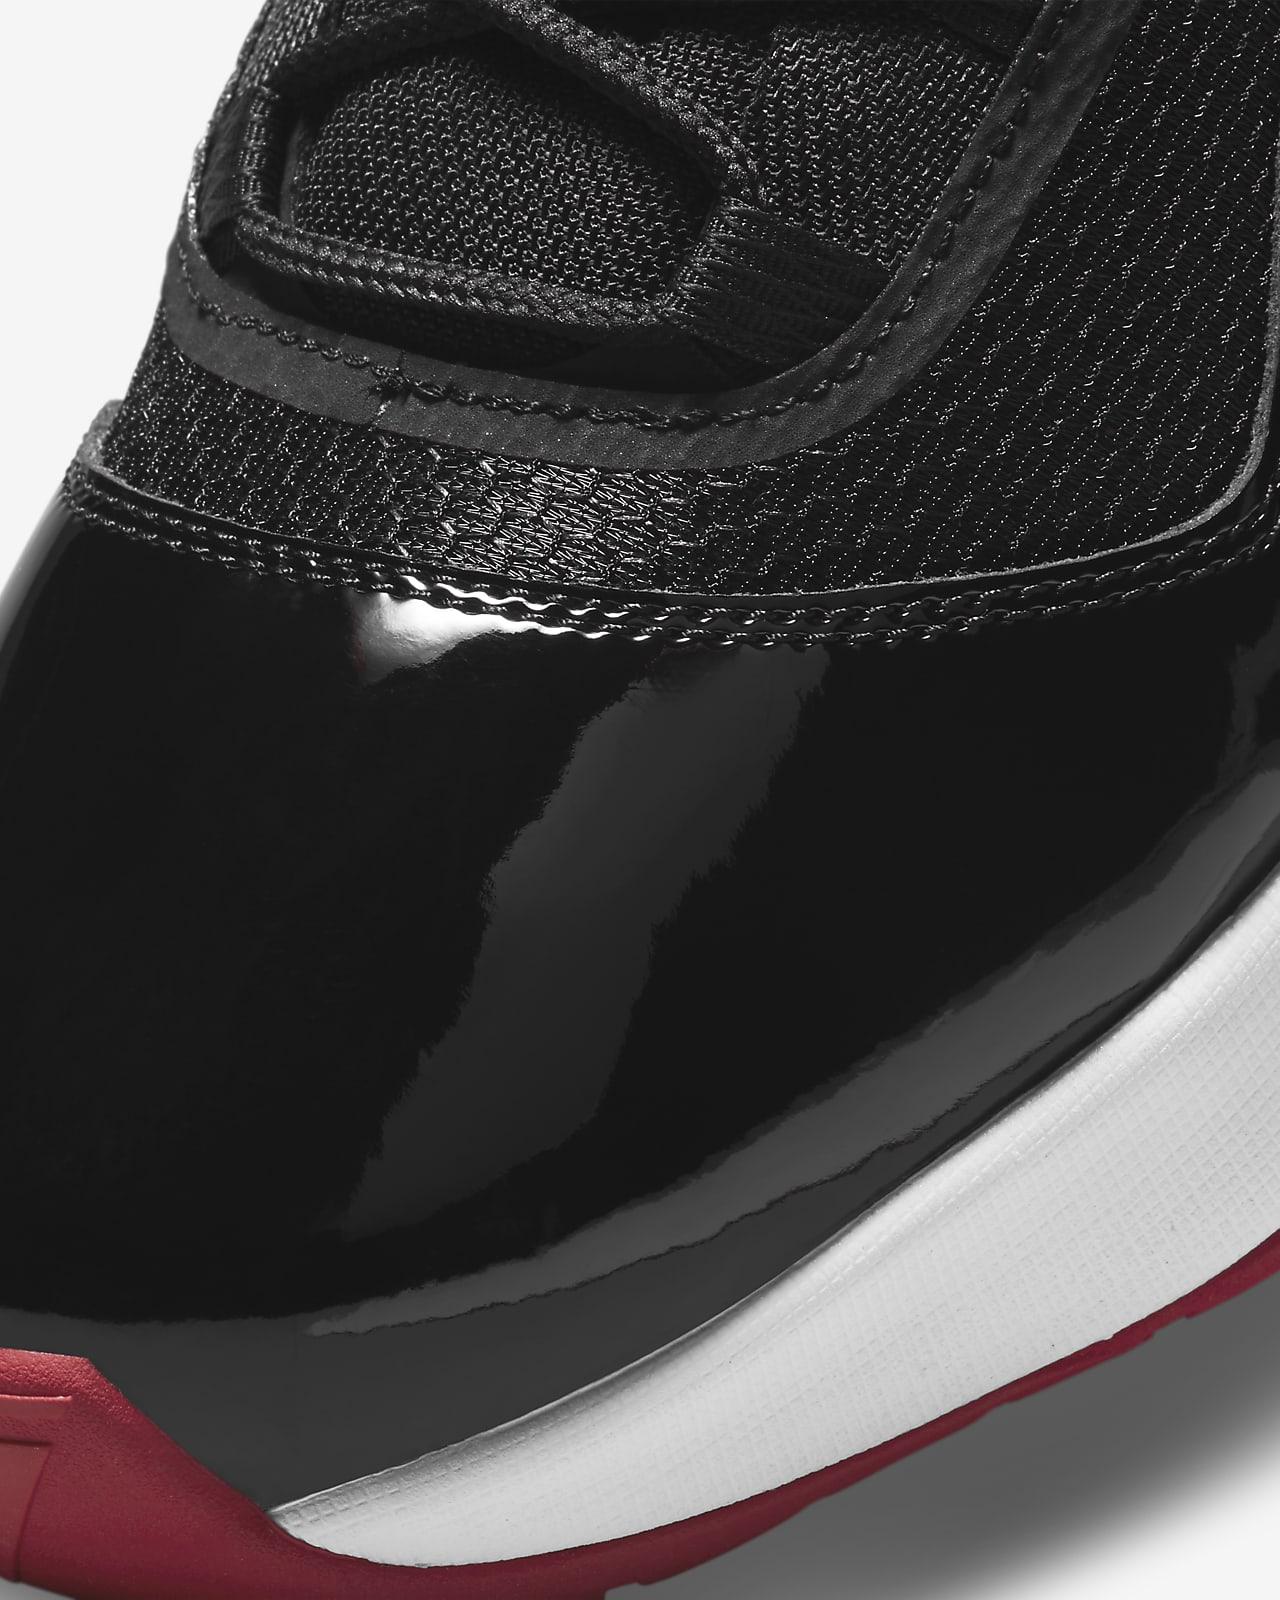 Air Jordan 11 CMFT Low 'Bred'